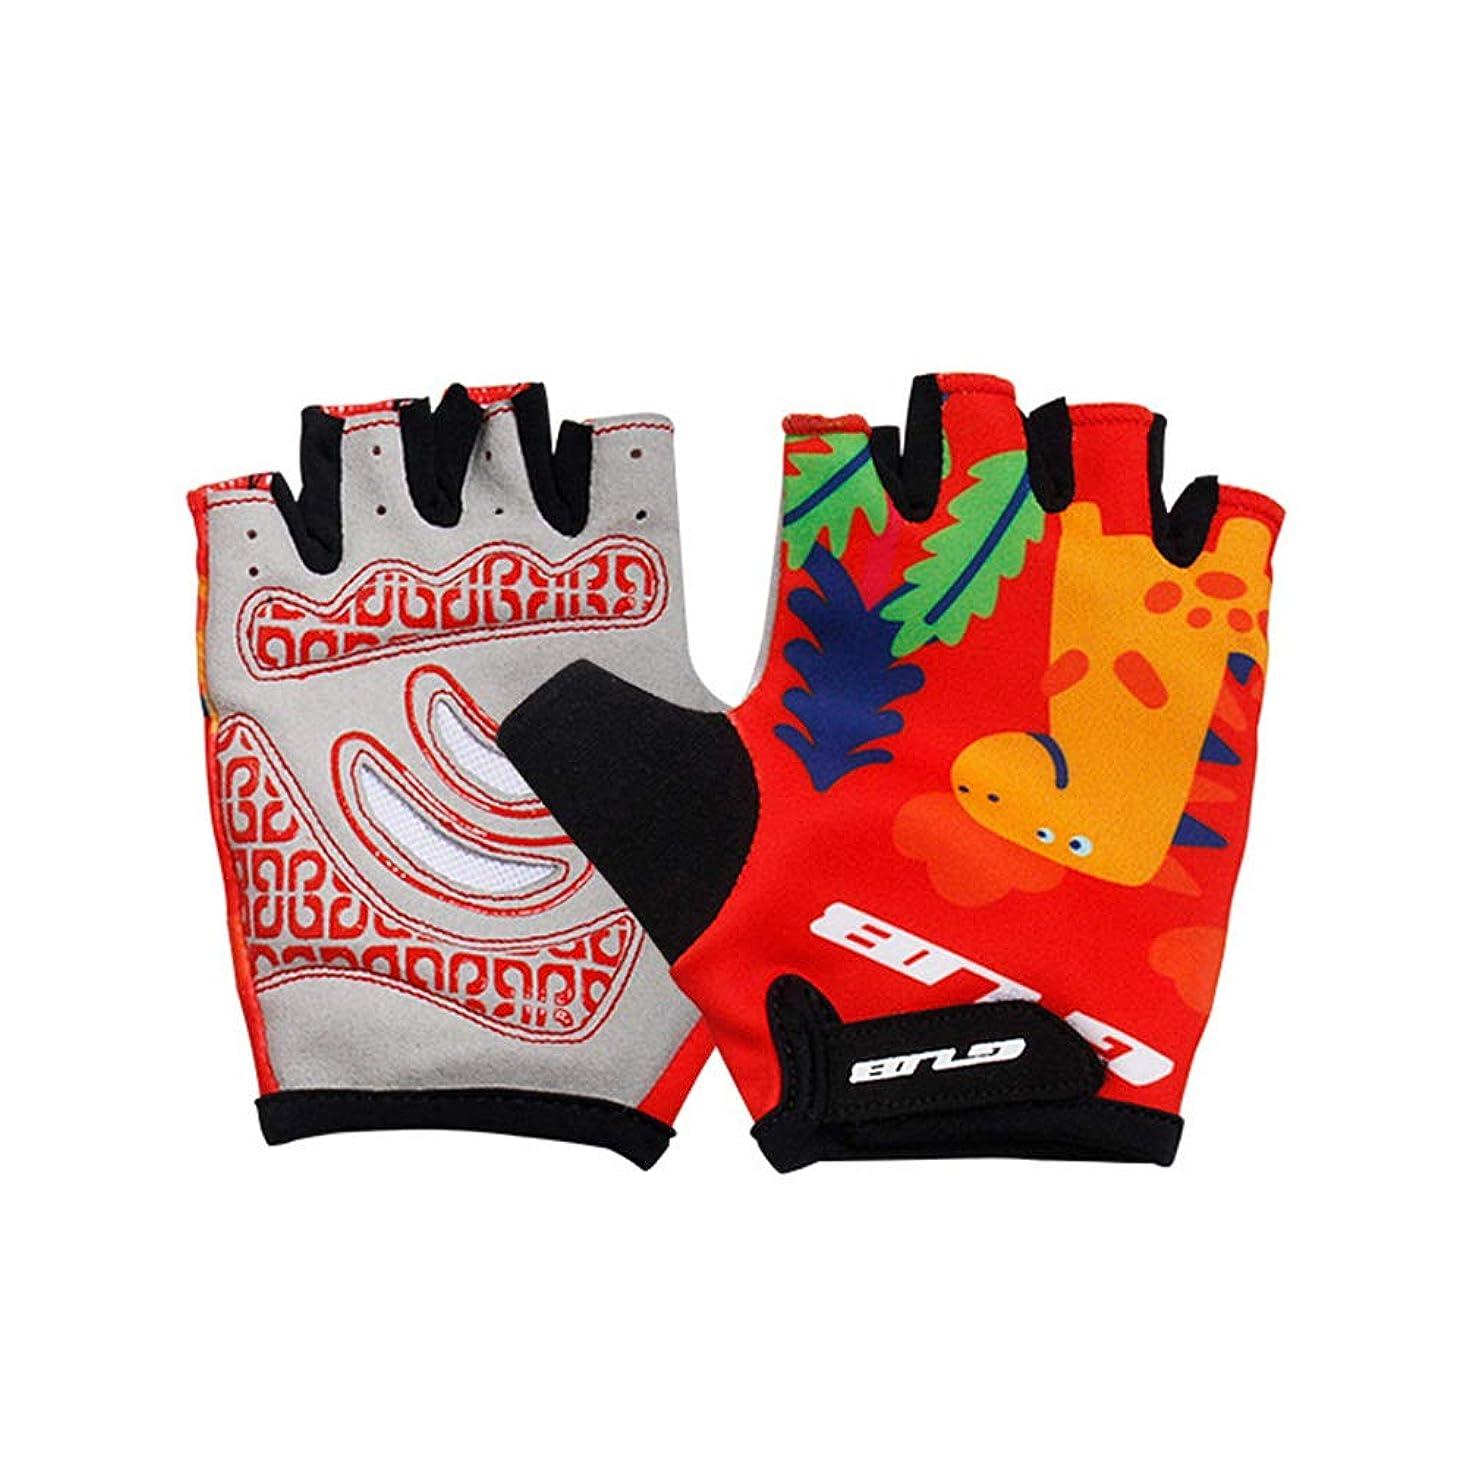 スカープ同情ヒールVORCOOL 自転車手袋屋外スポーツハーフフィンガー手袋ジム重量リフティングワークアウトジョギングランニングエクササイズ子供たちのための子供(恐竜)